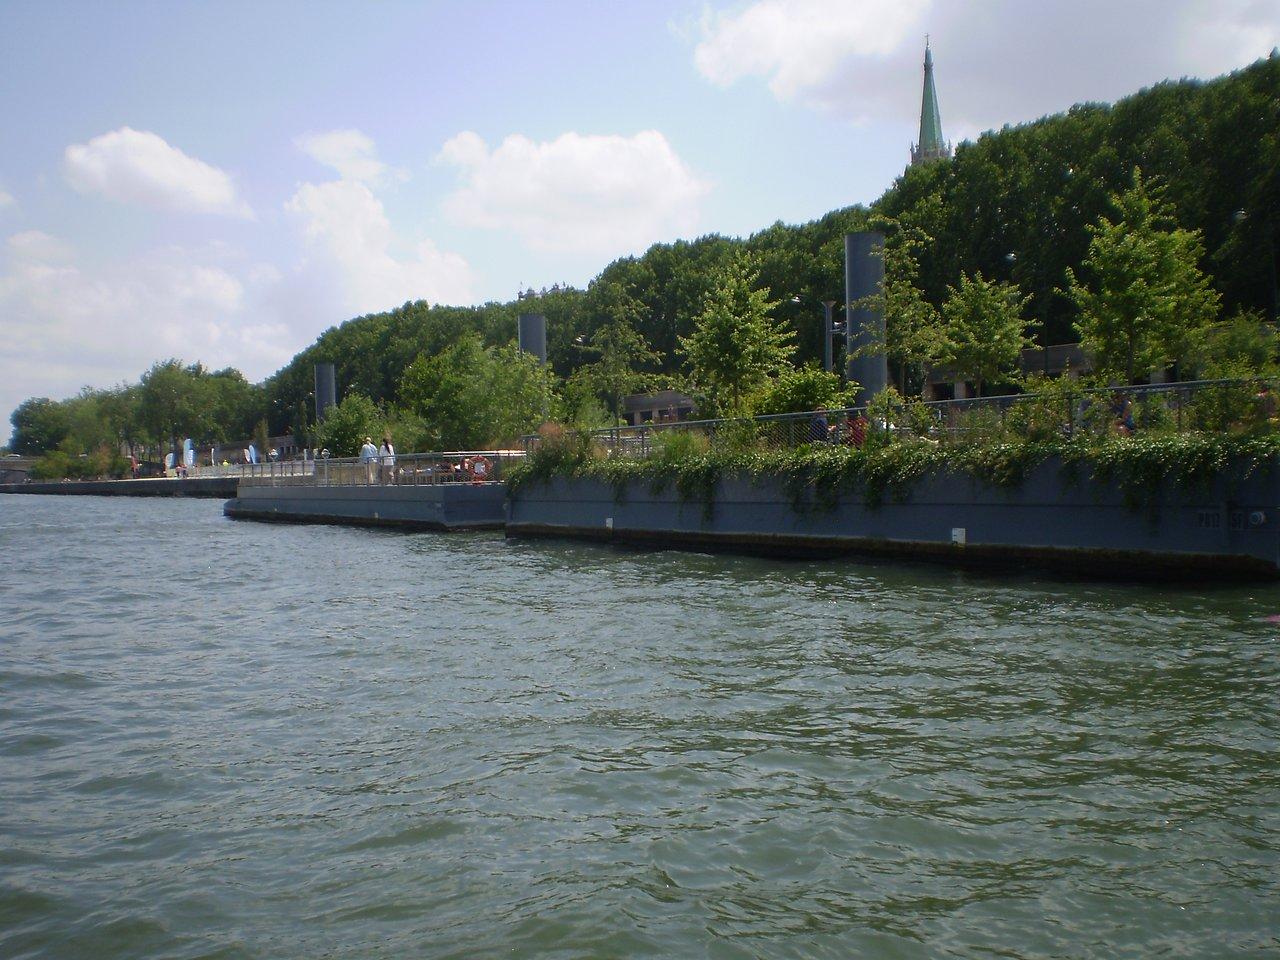 Le Jardin De Saint Adrien Inspirant Jardin Flottant Niki De Saint Phalle Paris 2020 All You